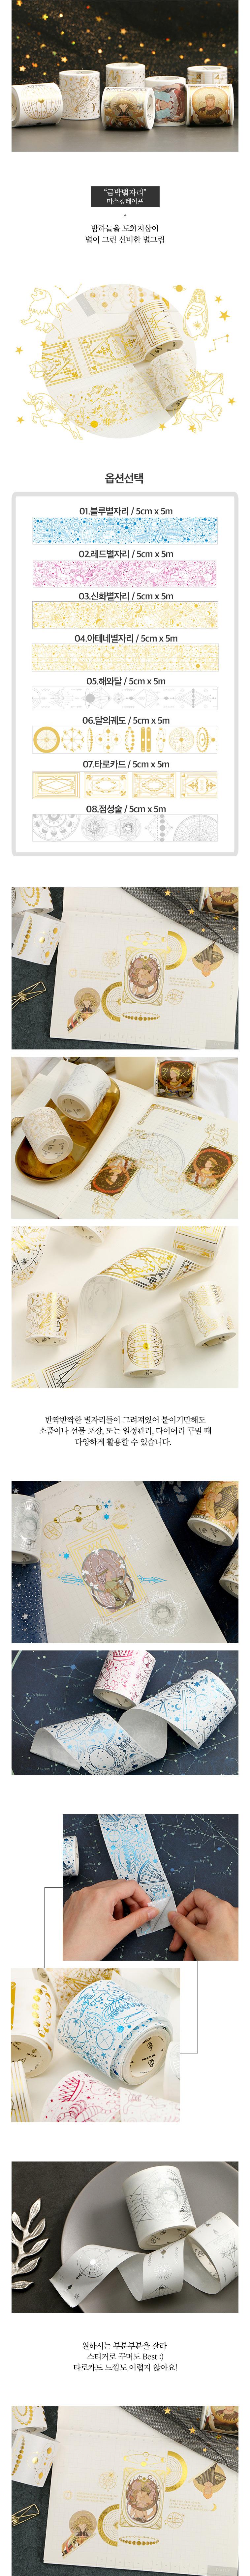 금박 별자리 마스킹테이프 - 핑크문9, 3,500원, 마스킹 테이프, 종이 마스킹테이프